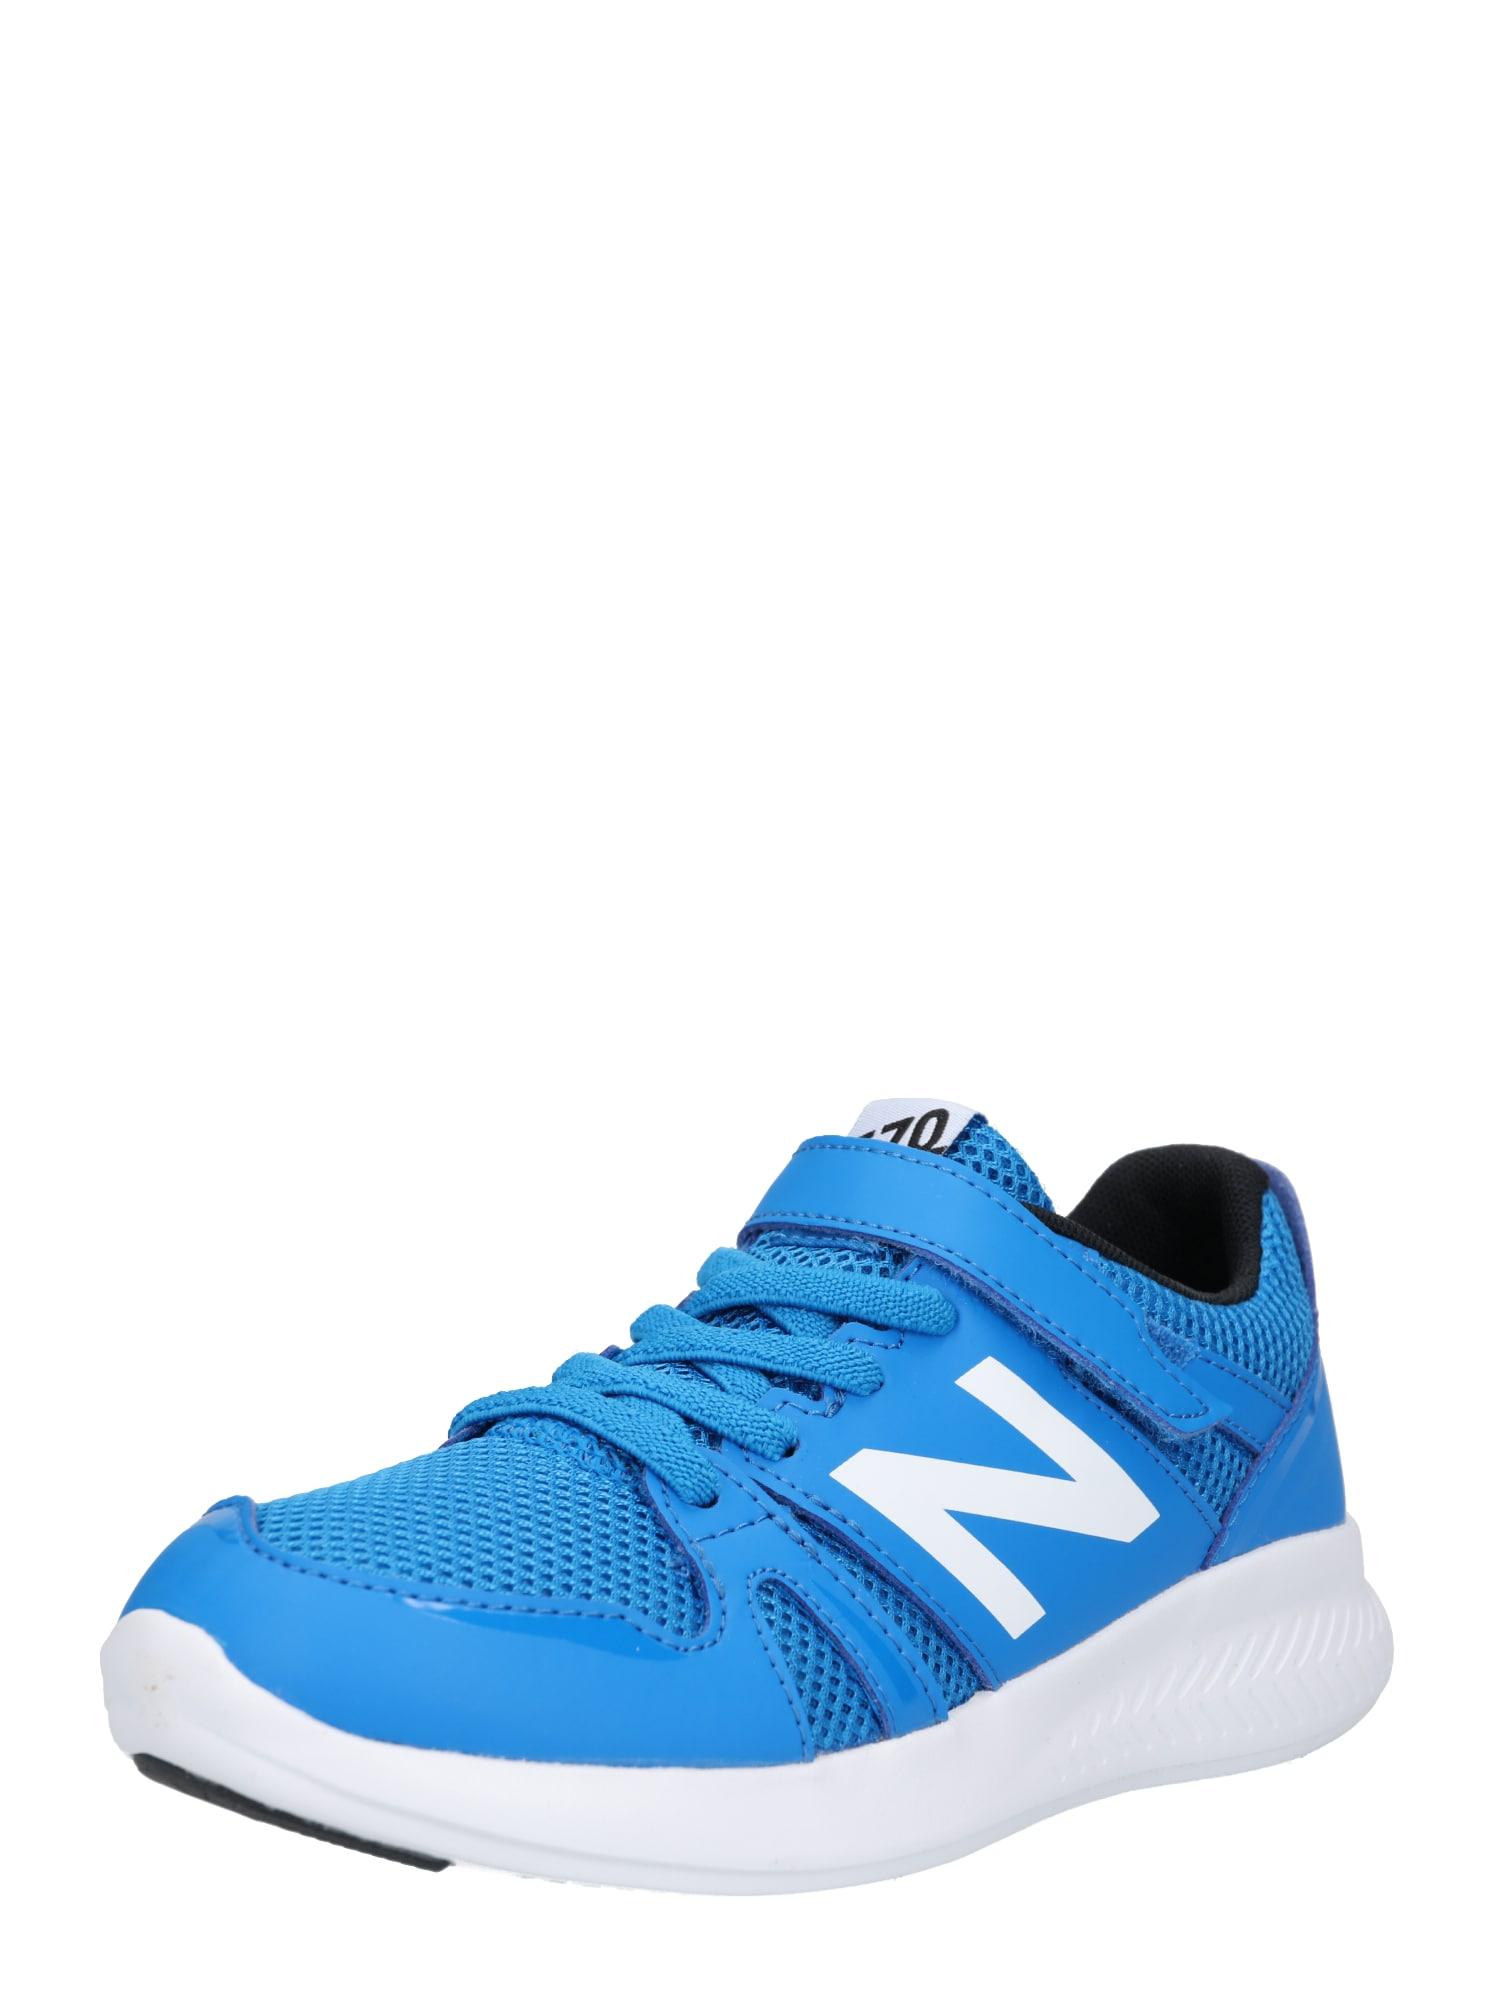 Sportovní boty YT570 M modrá bílá New Balance